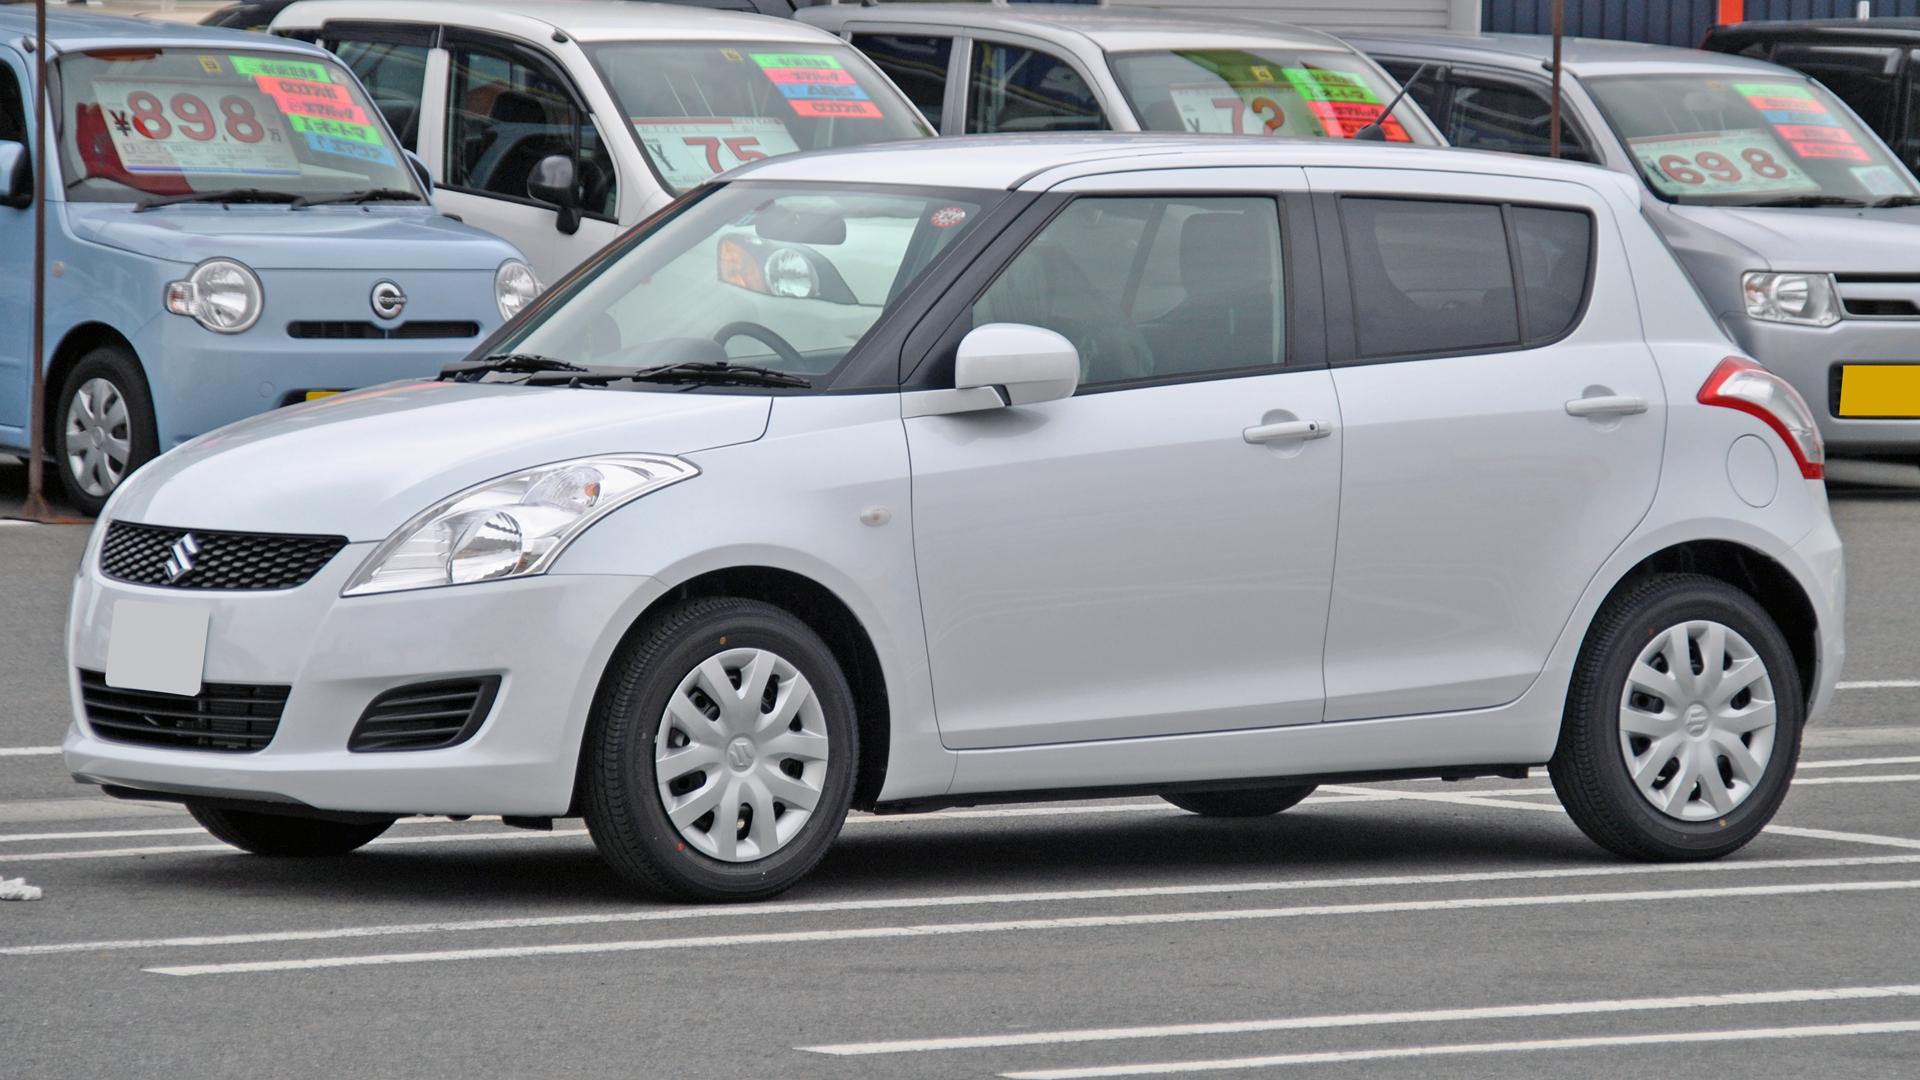 Maruti Suzuki True Value Used Cars In Aurangabad